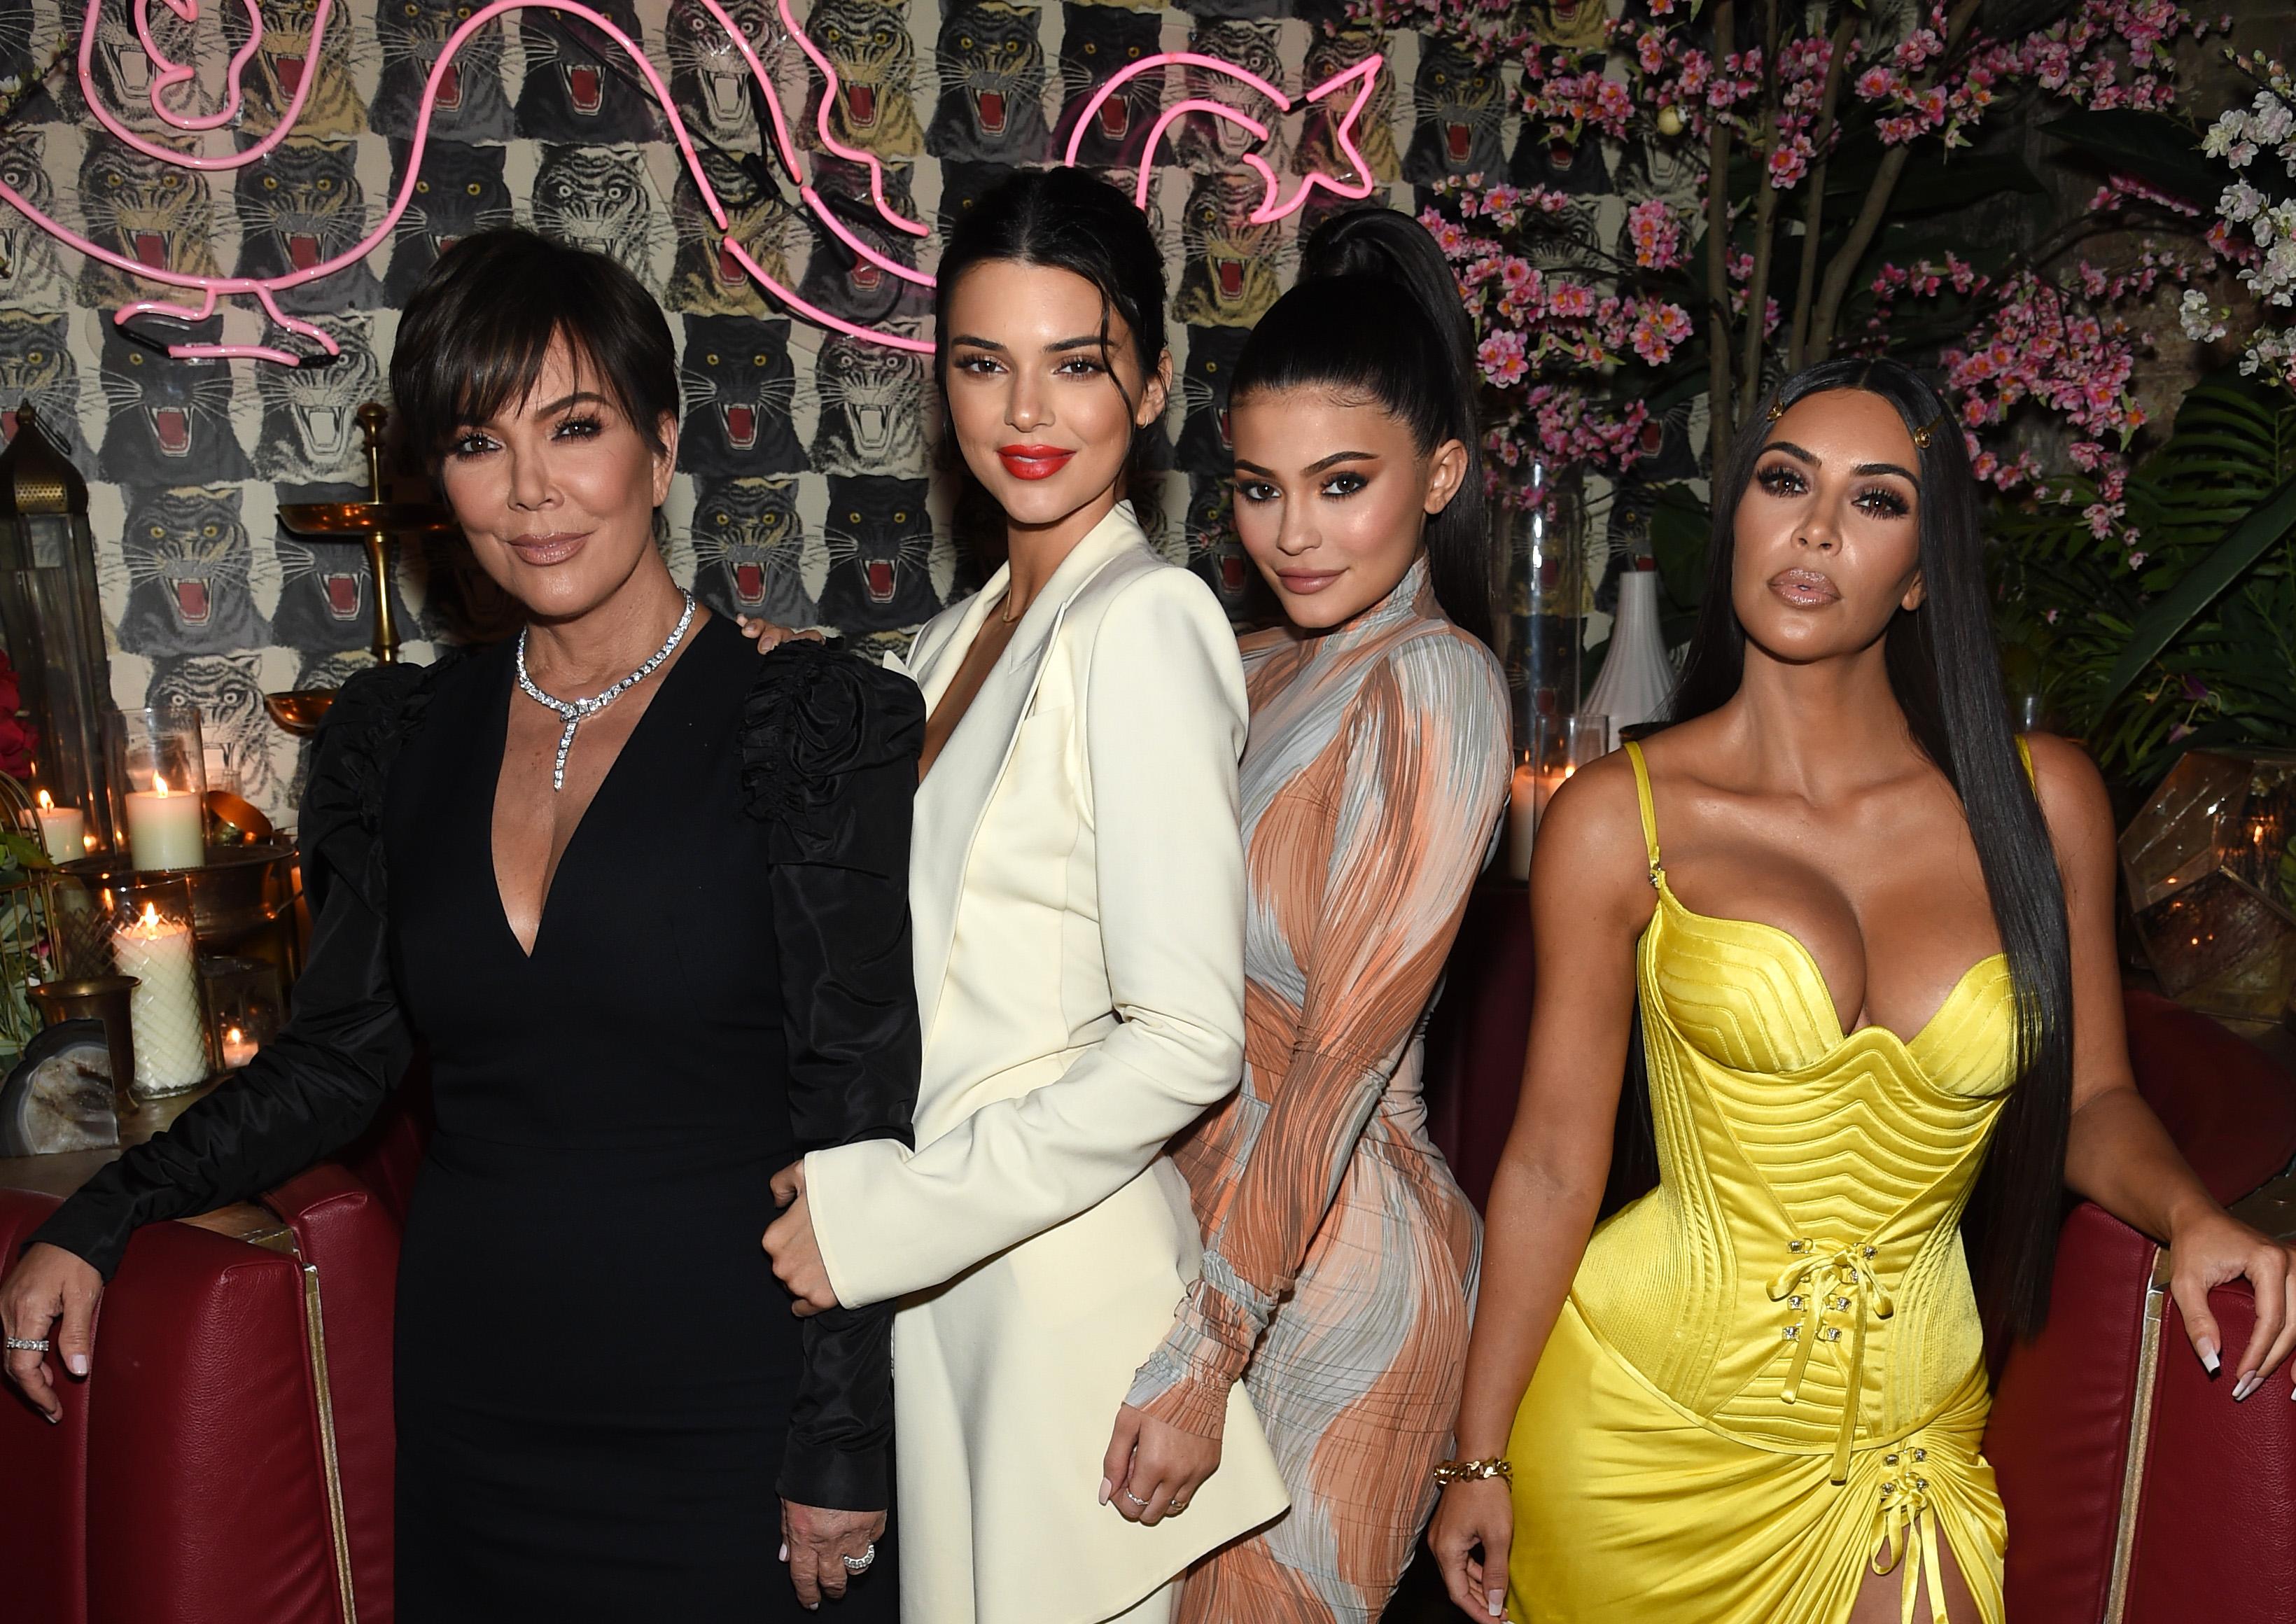 Οι Kardashian- Jenner έκαναν unfollow την προσωπική τους makeup artist! | tlife.gr